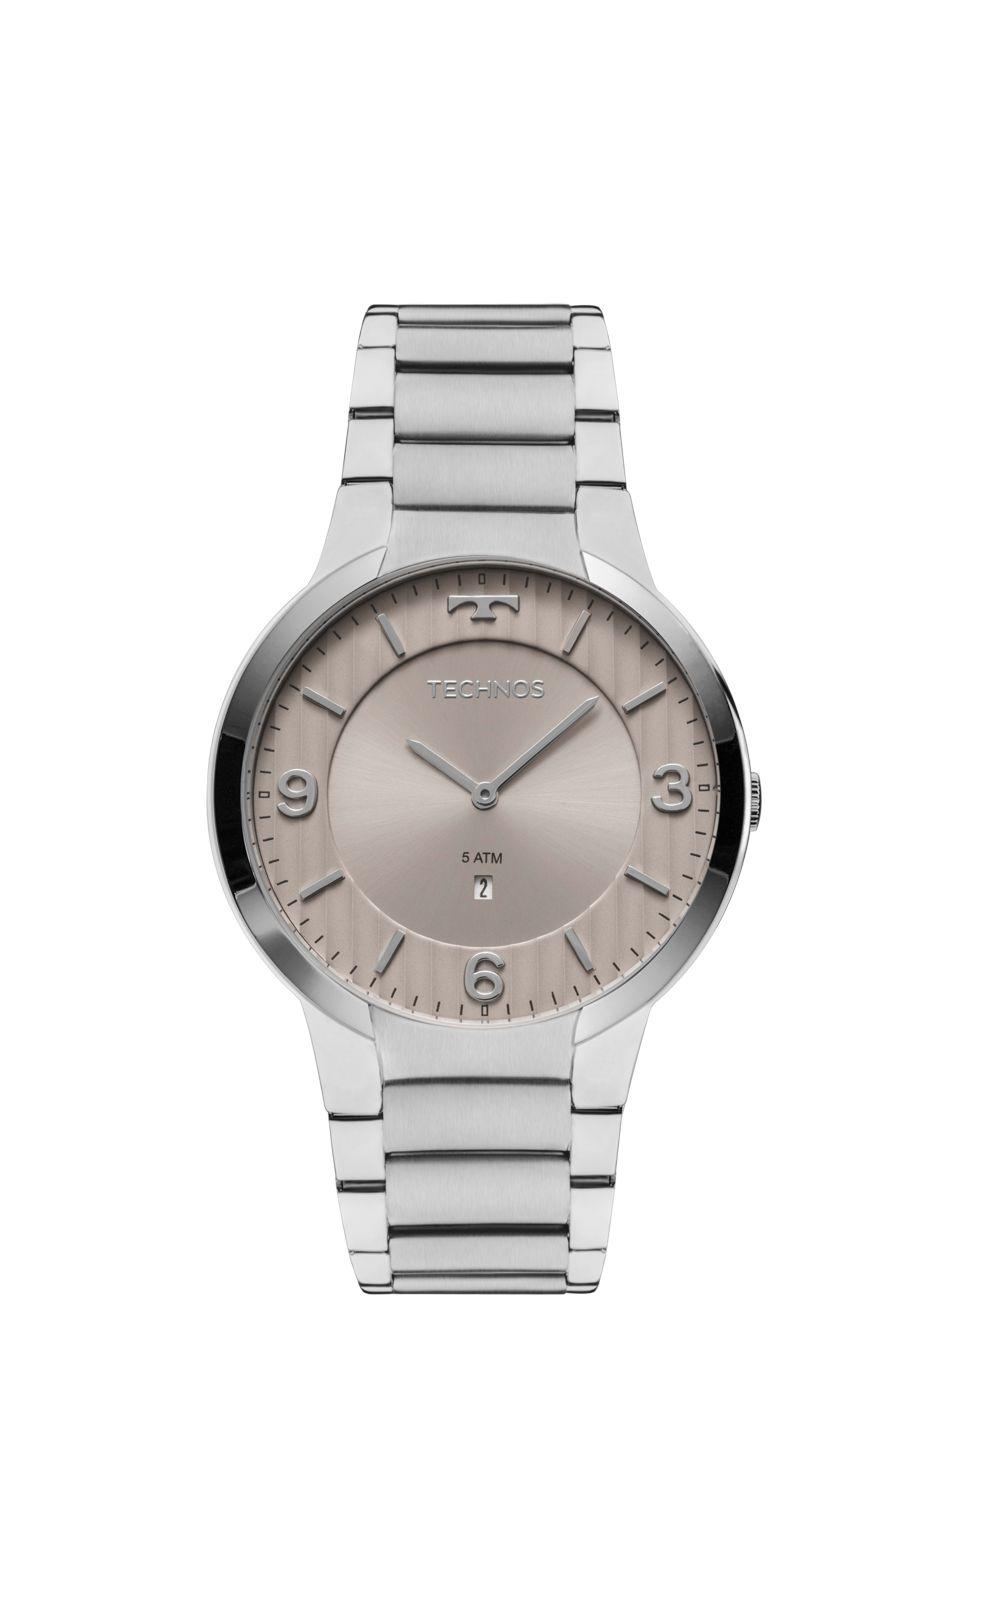 Relógio Technos Slim Masculino GL15AO 1C. undefined 44fa60fce2